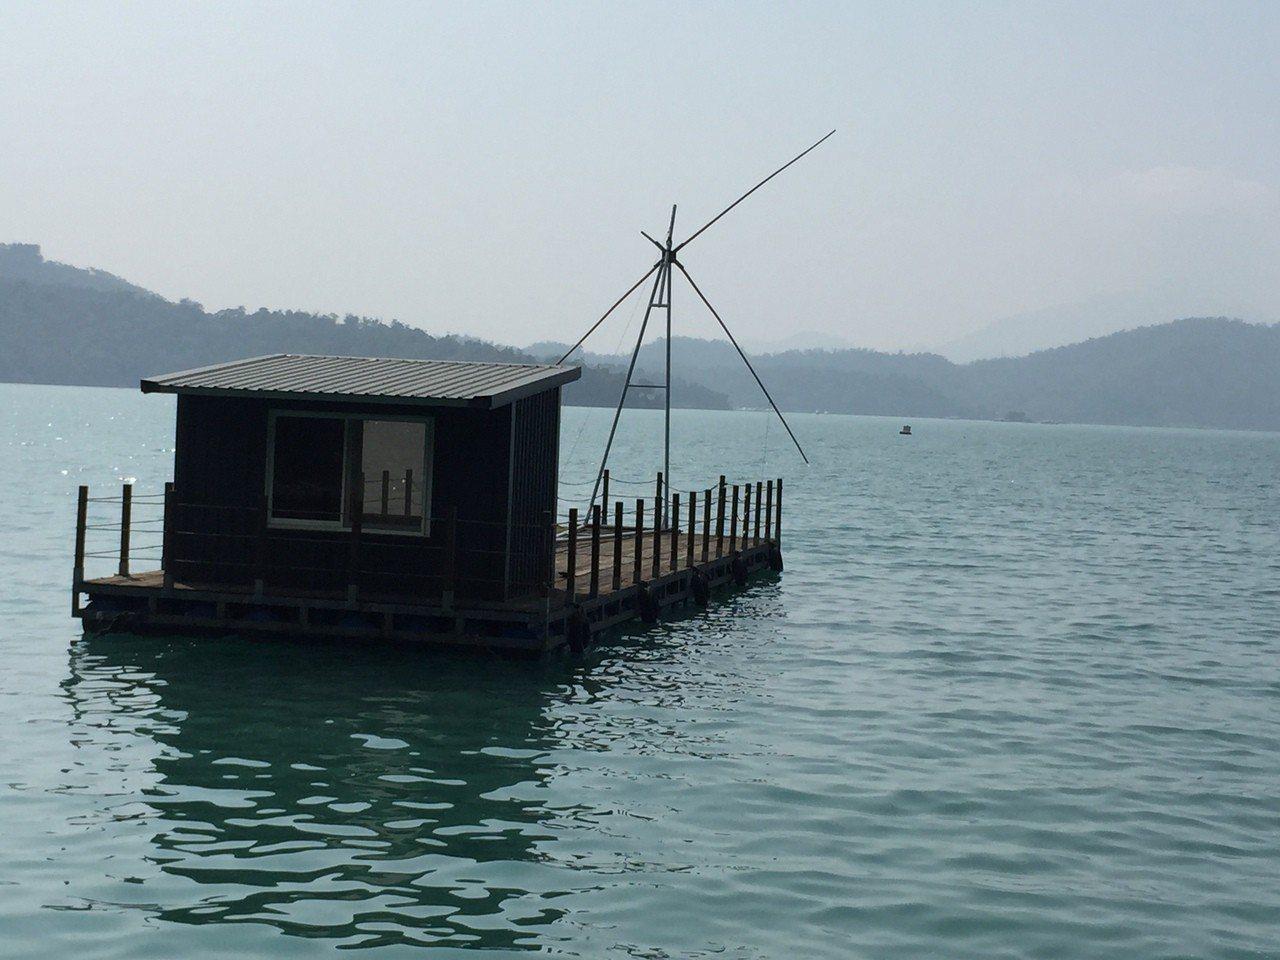 四角吊網船筏是日月潭特有的捕撈方式,也成為水面特殊景觀。記者江良誠/攝影